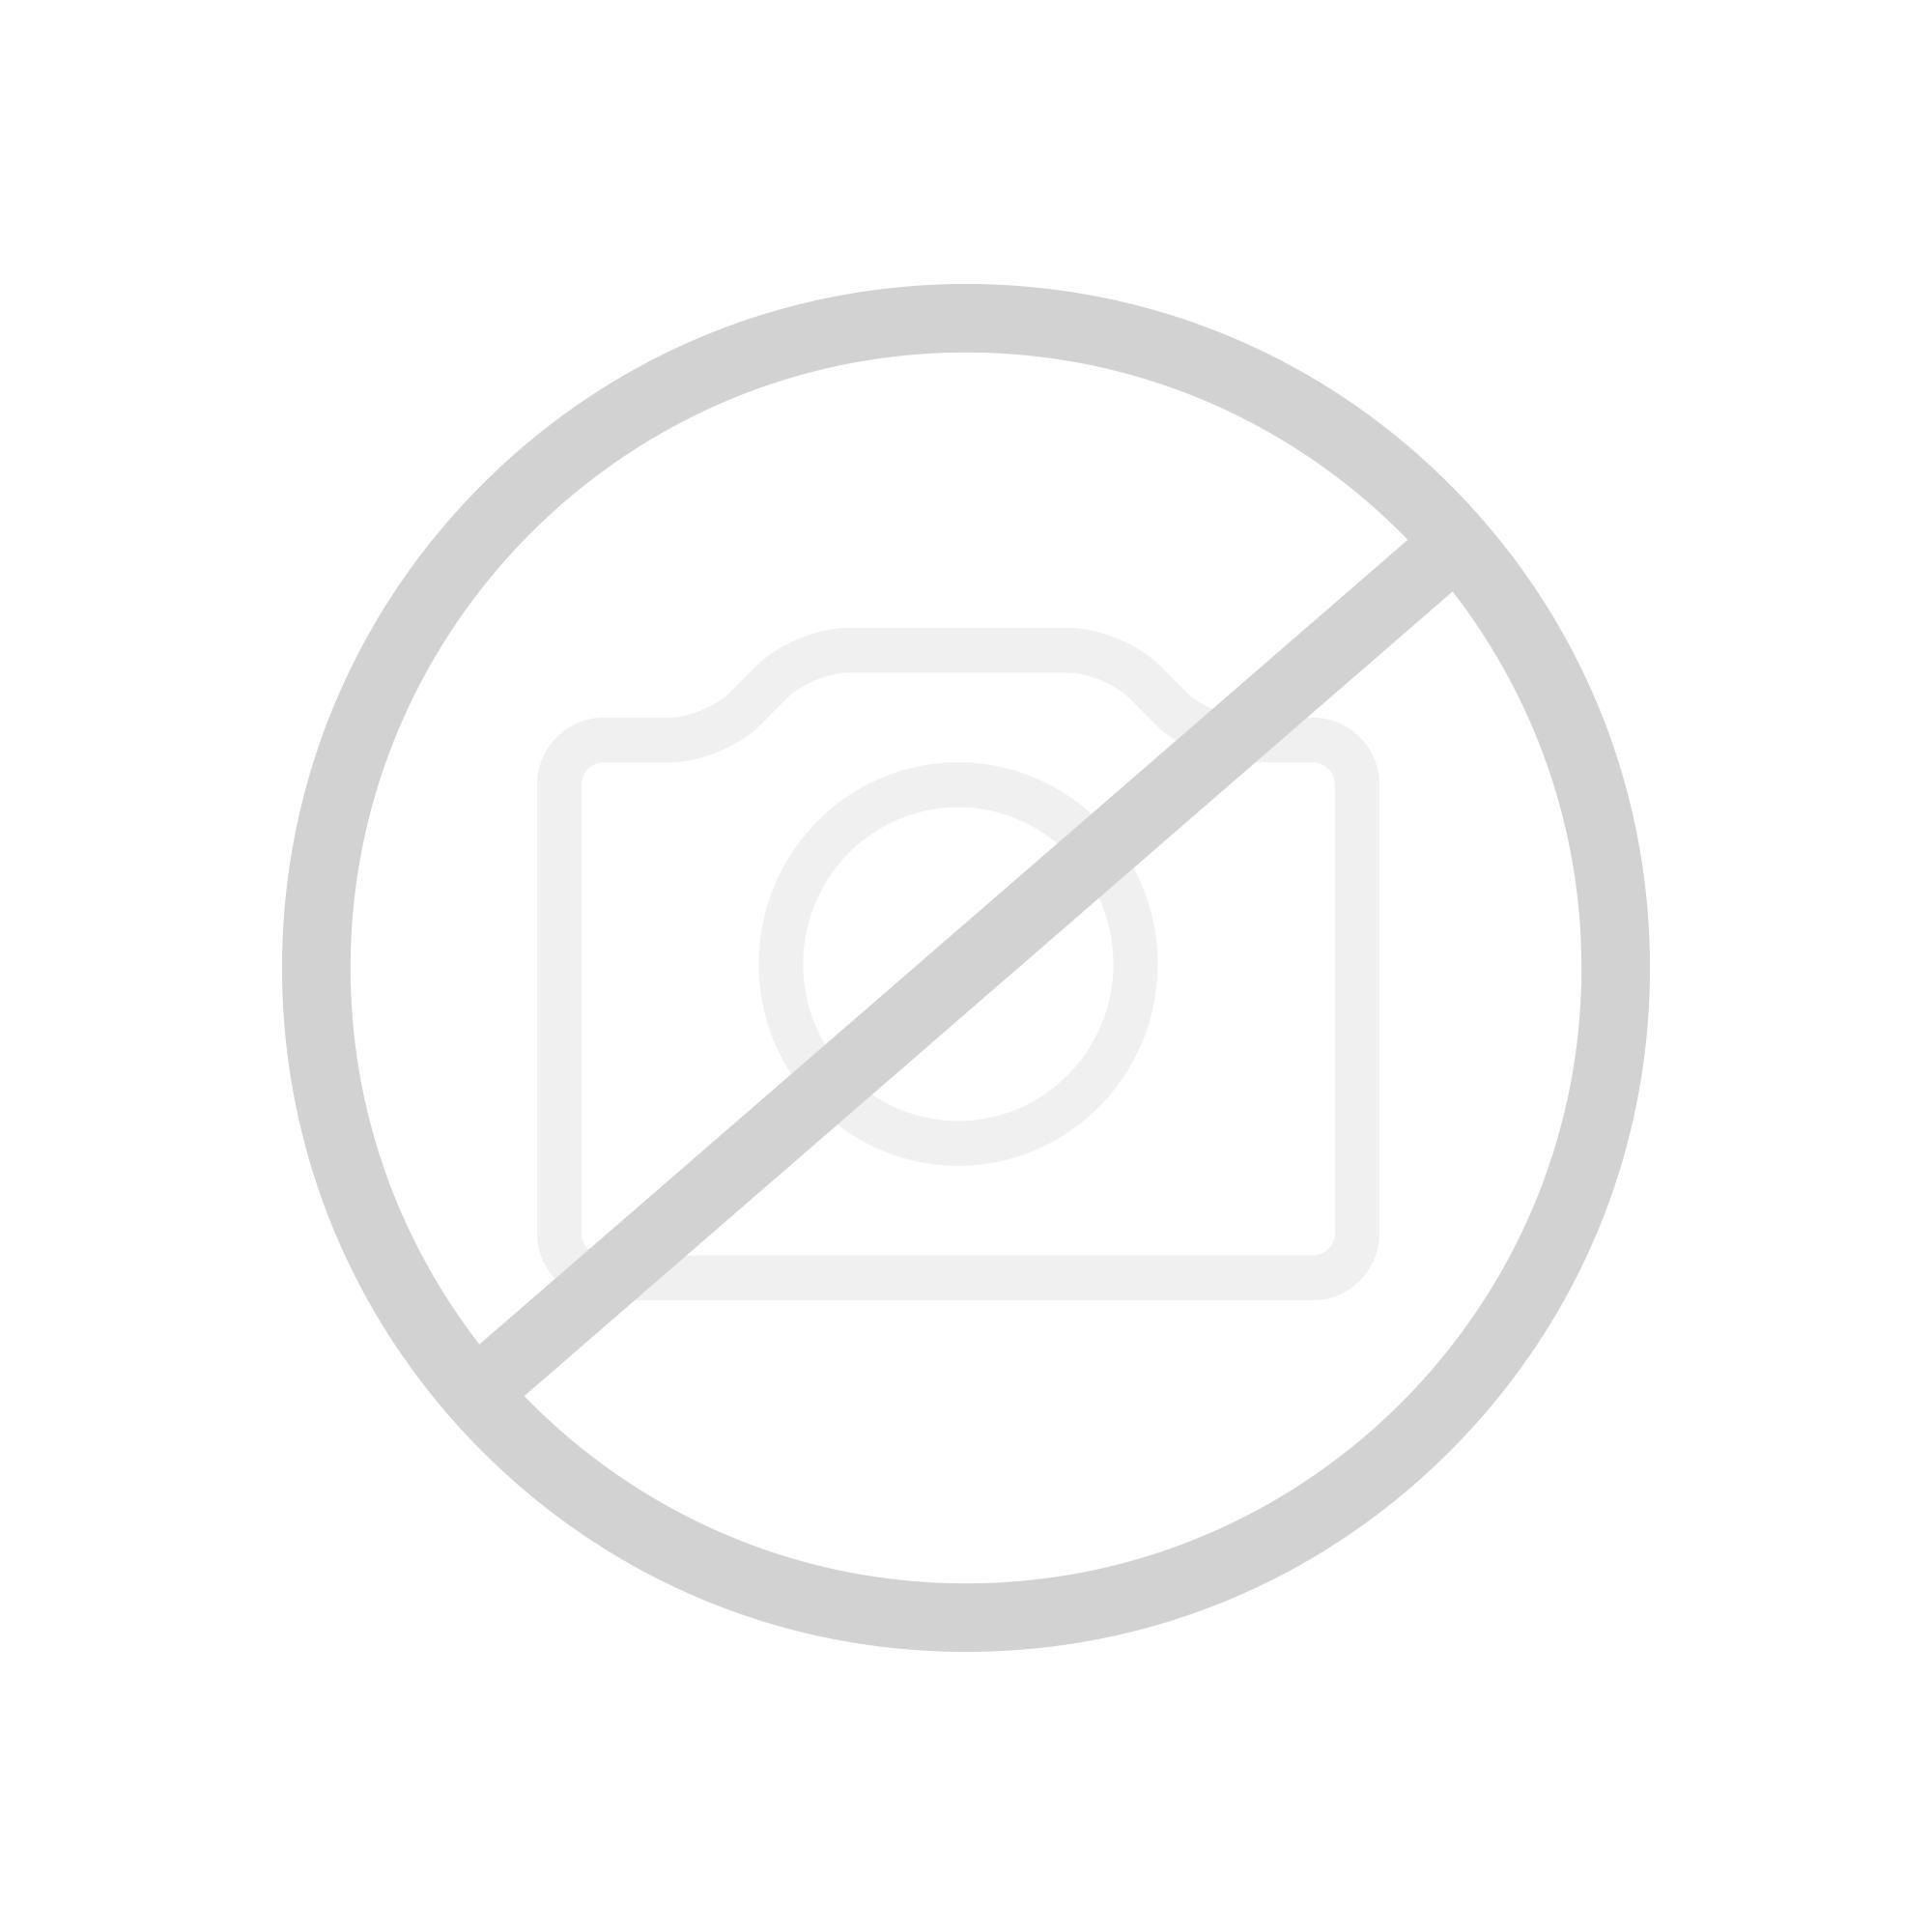 villeroy & boch küchenarmaturen bei reuter - Villeroy Und Boch Küchenarmaturen